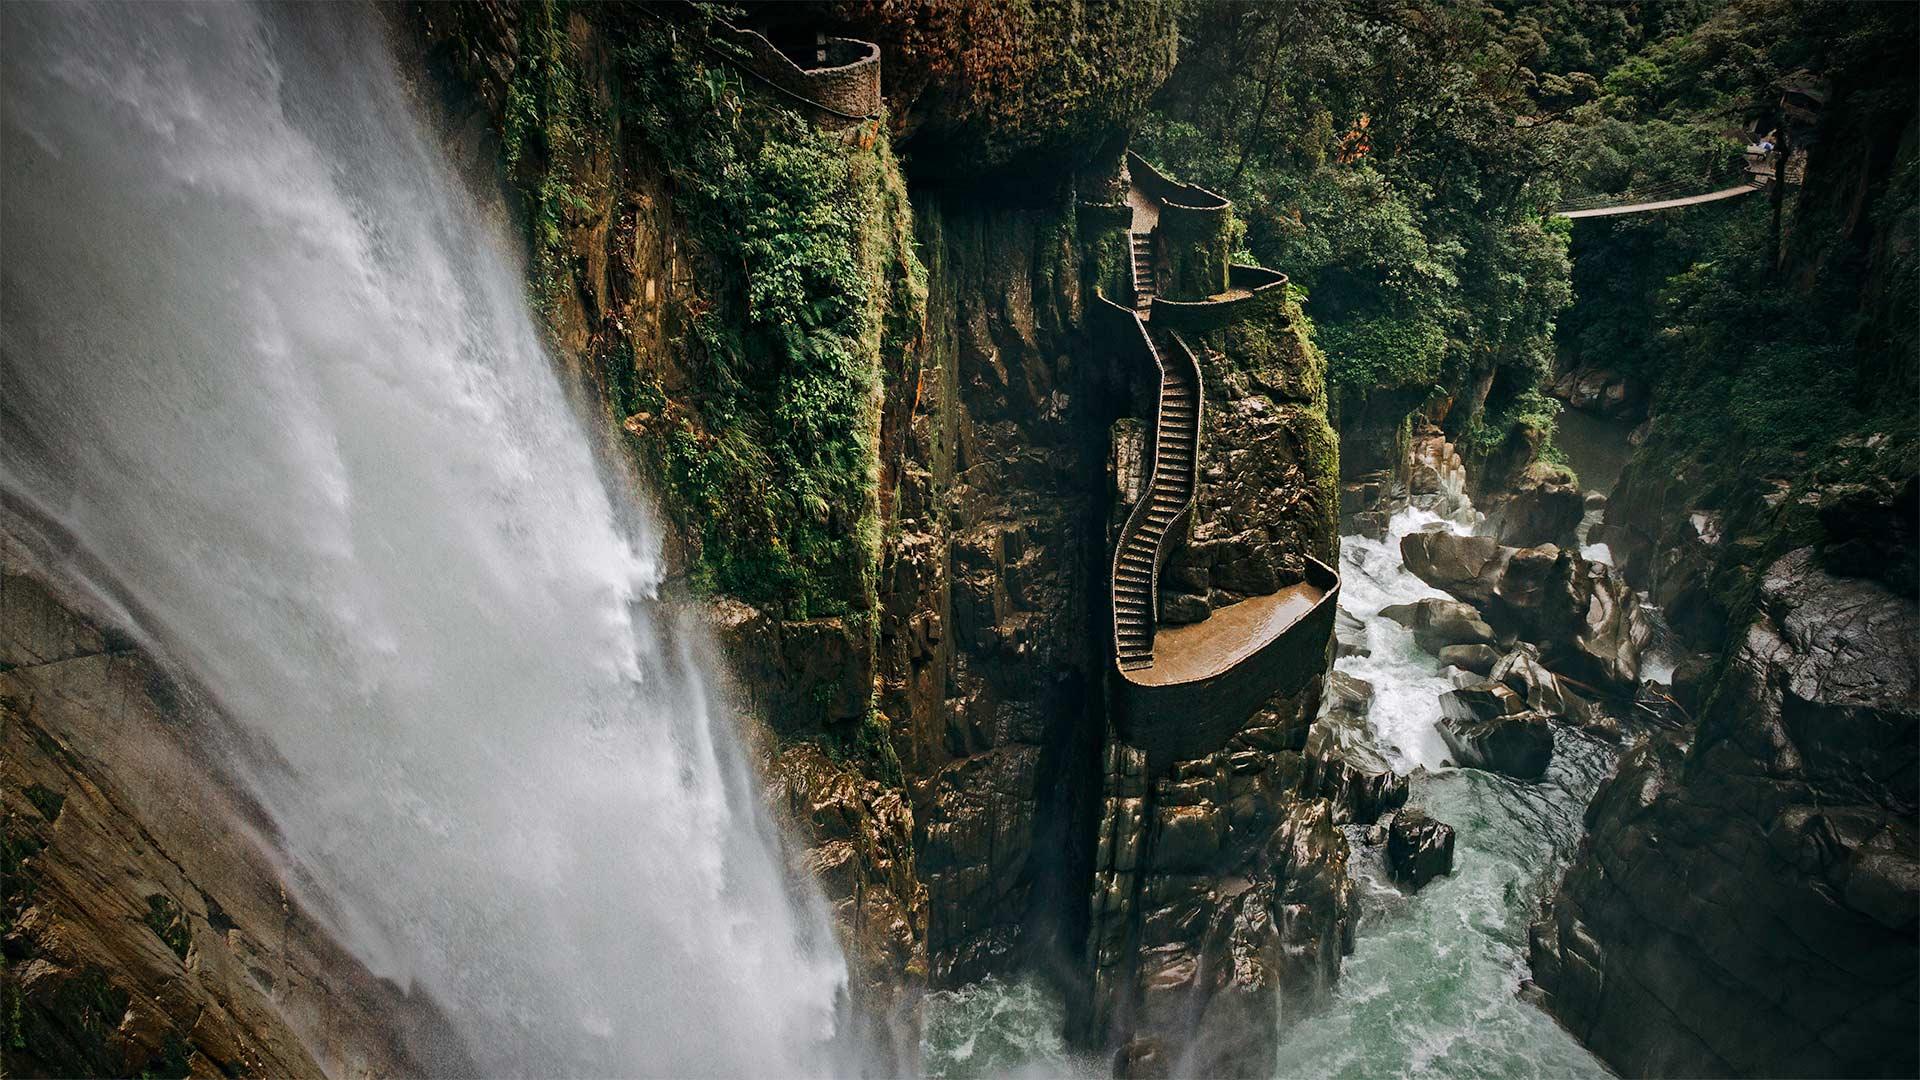 「アゴヤンの滝」エクアドル, パスタサ県  (© Laura BC/Getty Images)